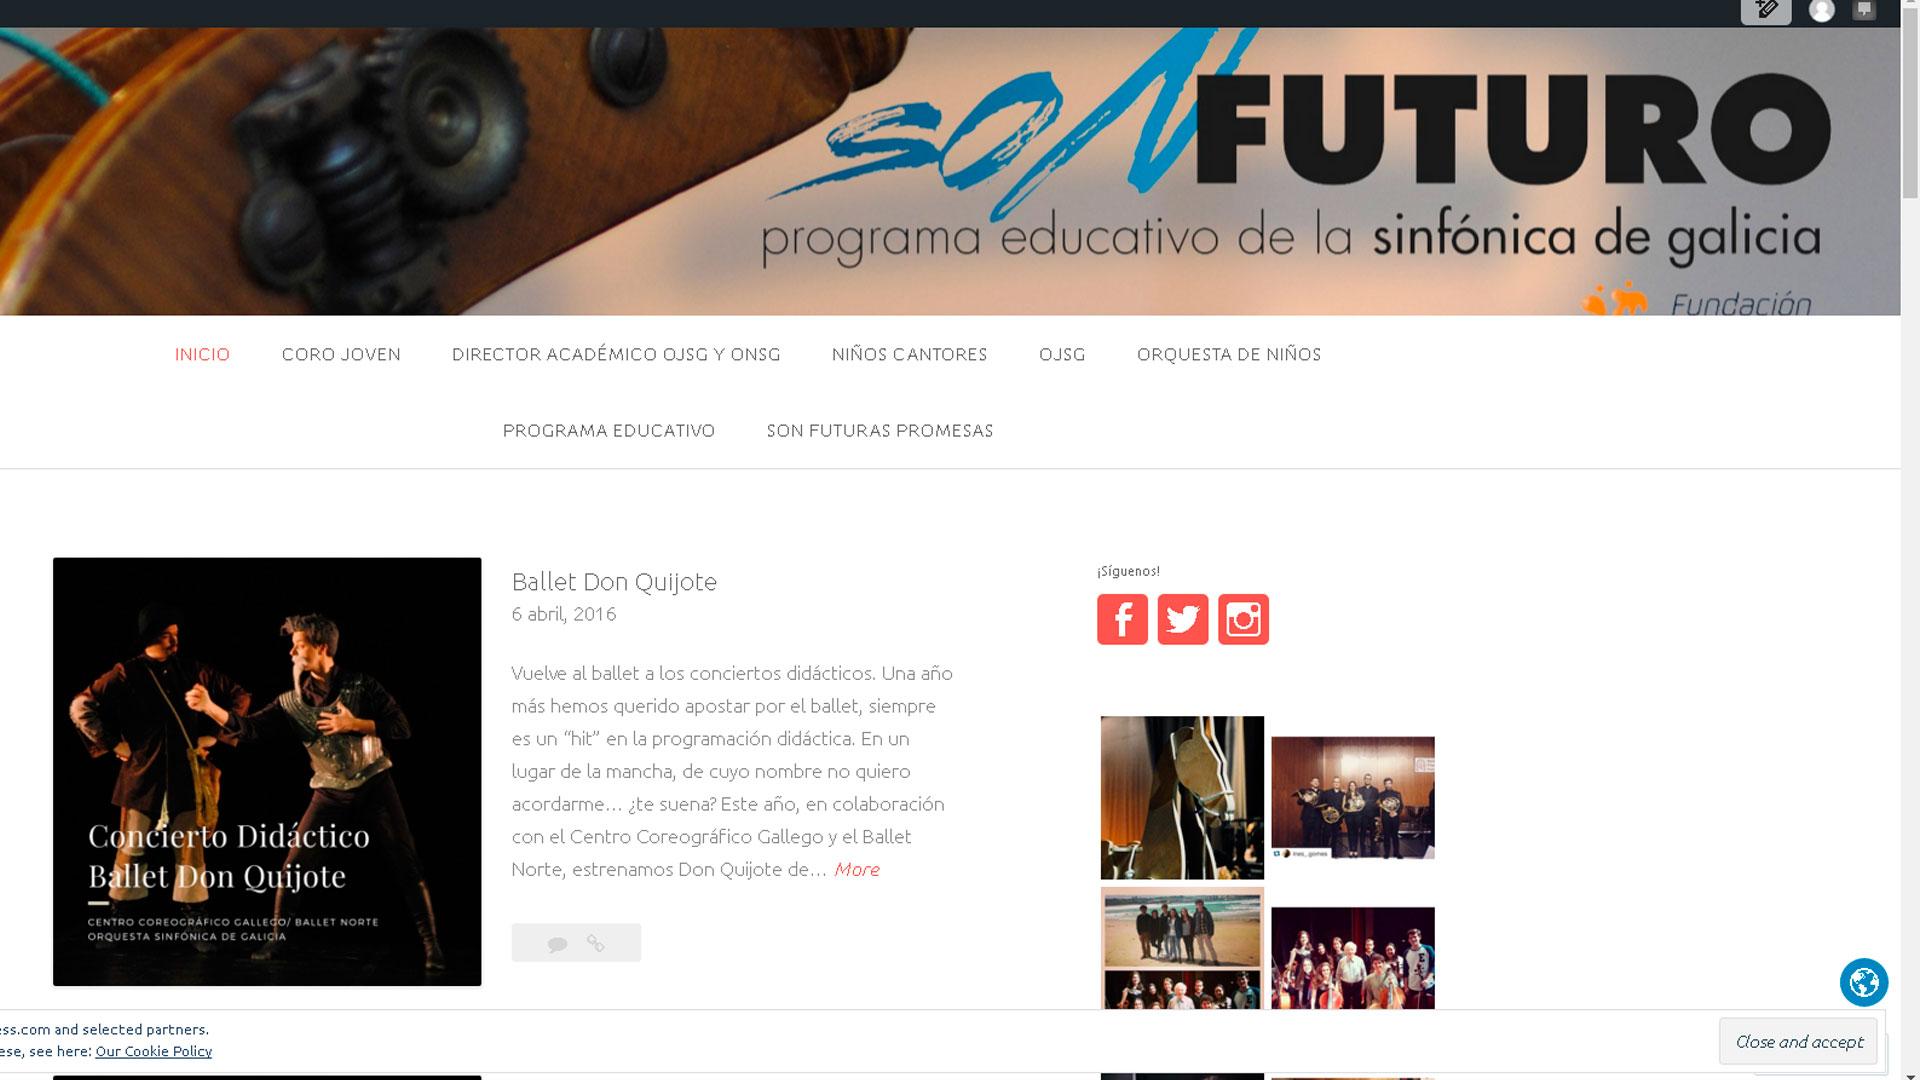 El blog de Son Futuro muestra en la red el nuevo modo de aprender, sentir y vivir la música en el programa educativo de la Orquesta Sinfónica de Galicia